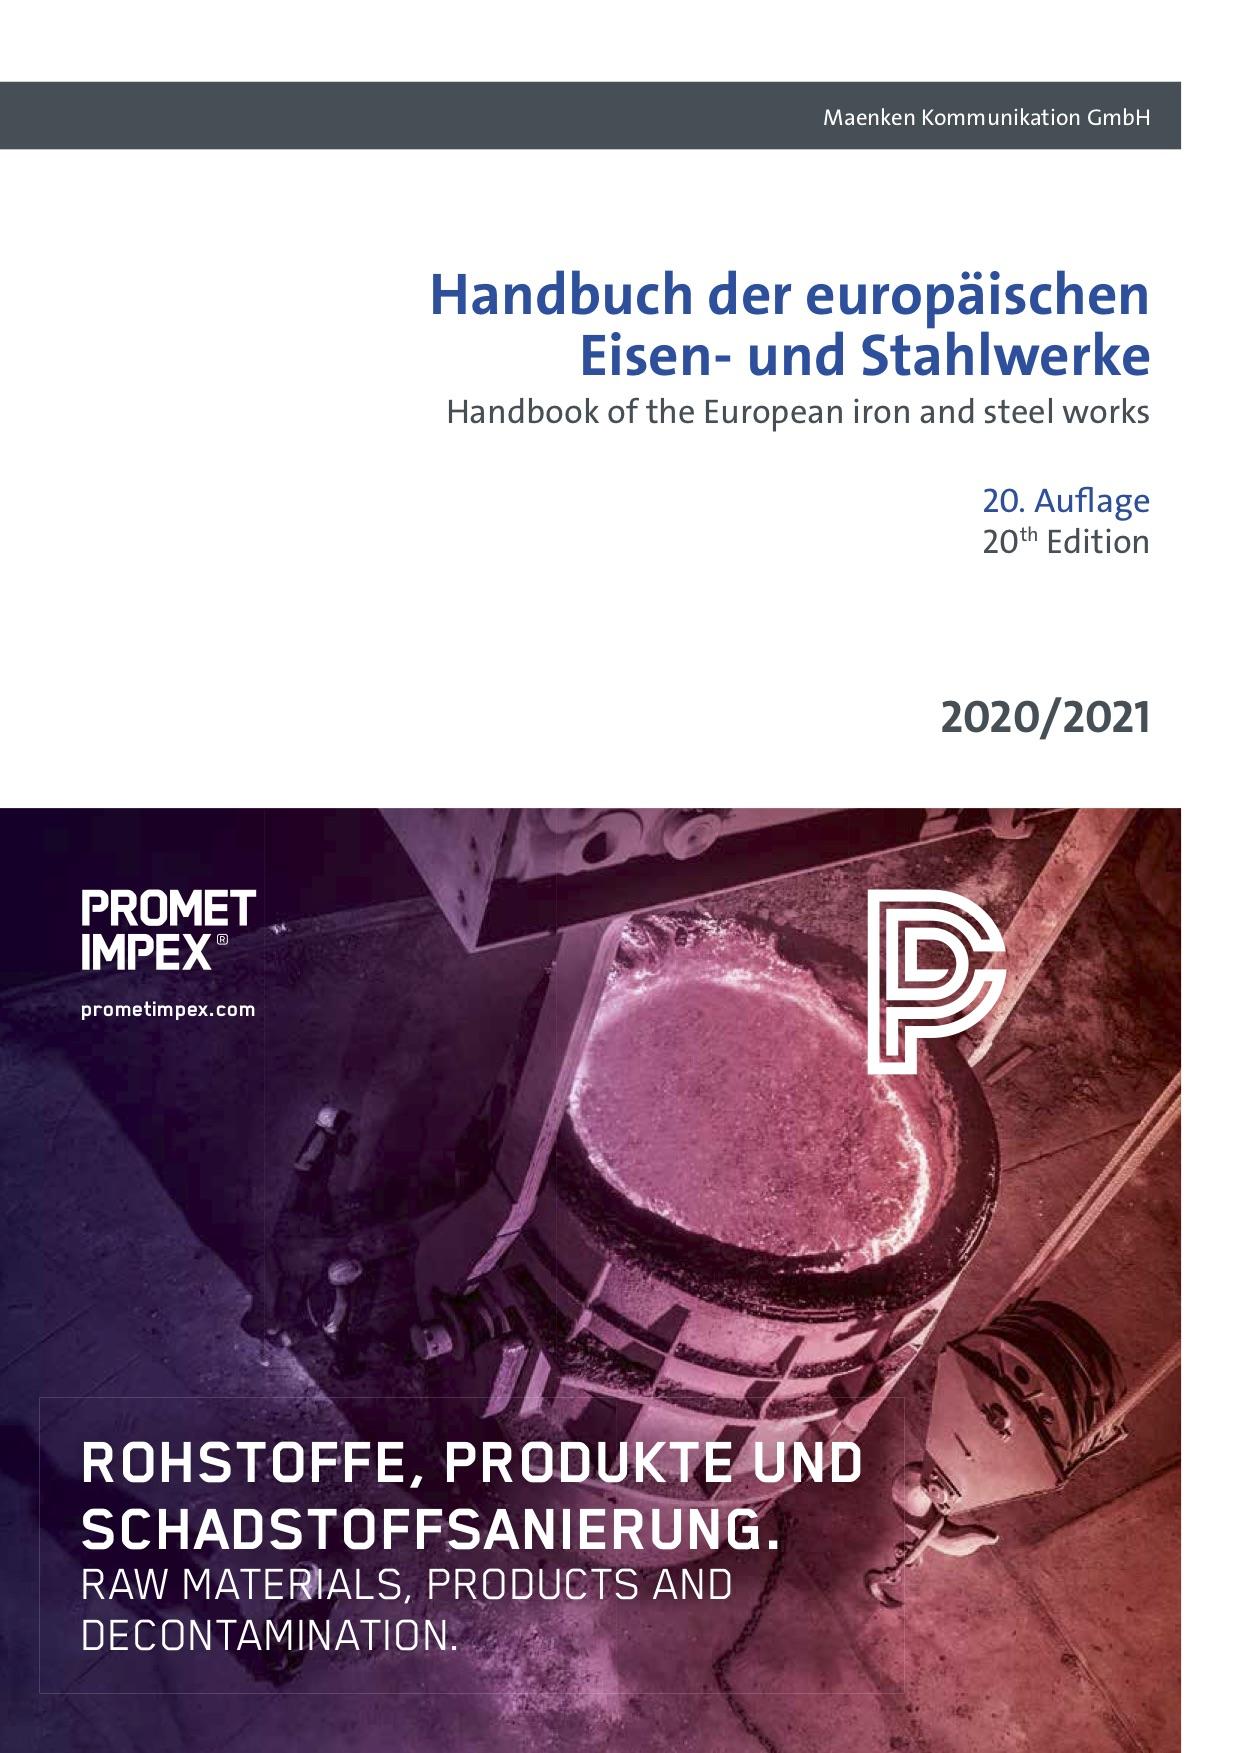 Handbuch der europäischen Eisen- und Stahlwerke 20. Auflage